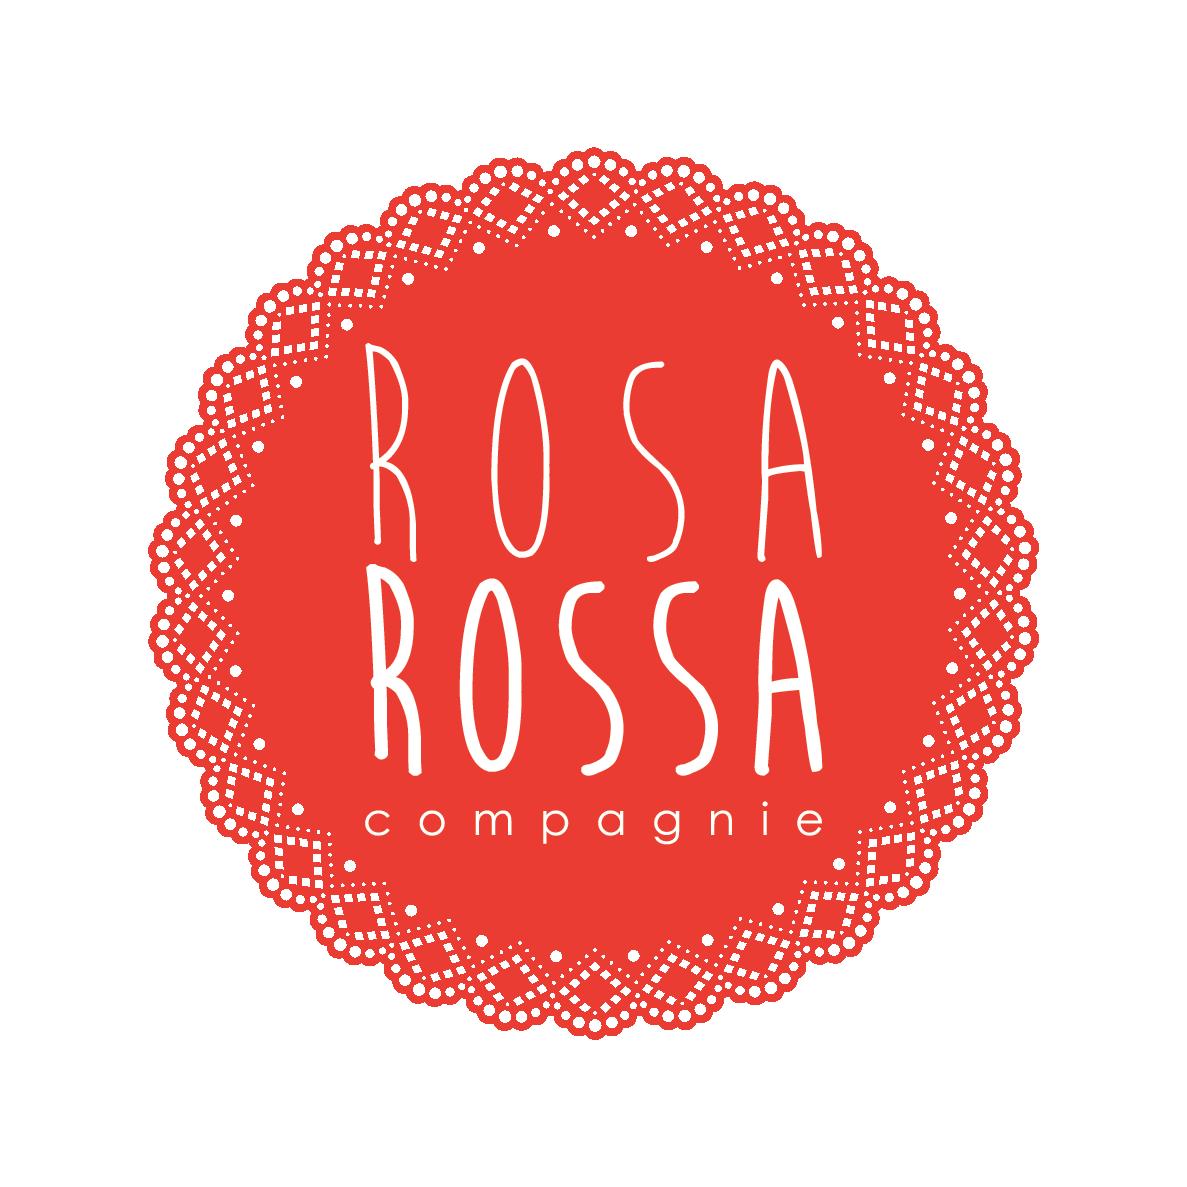 Cie Rosa Rossa